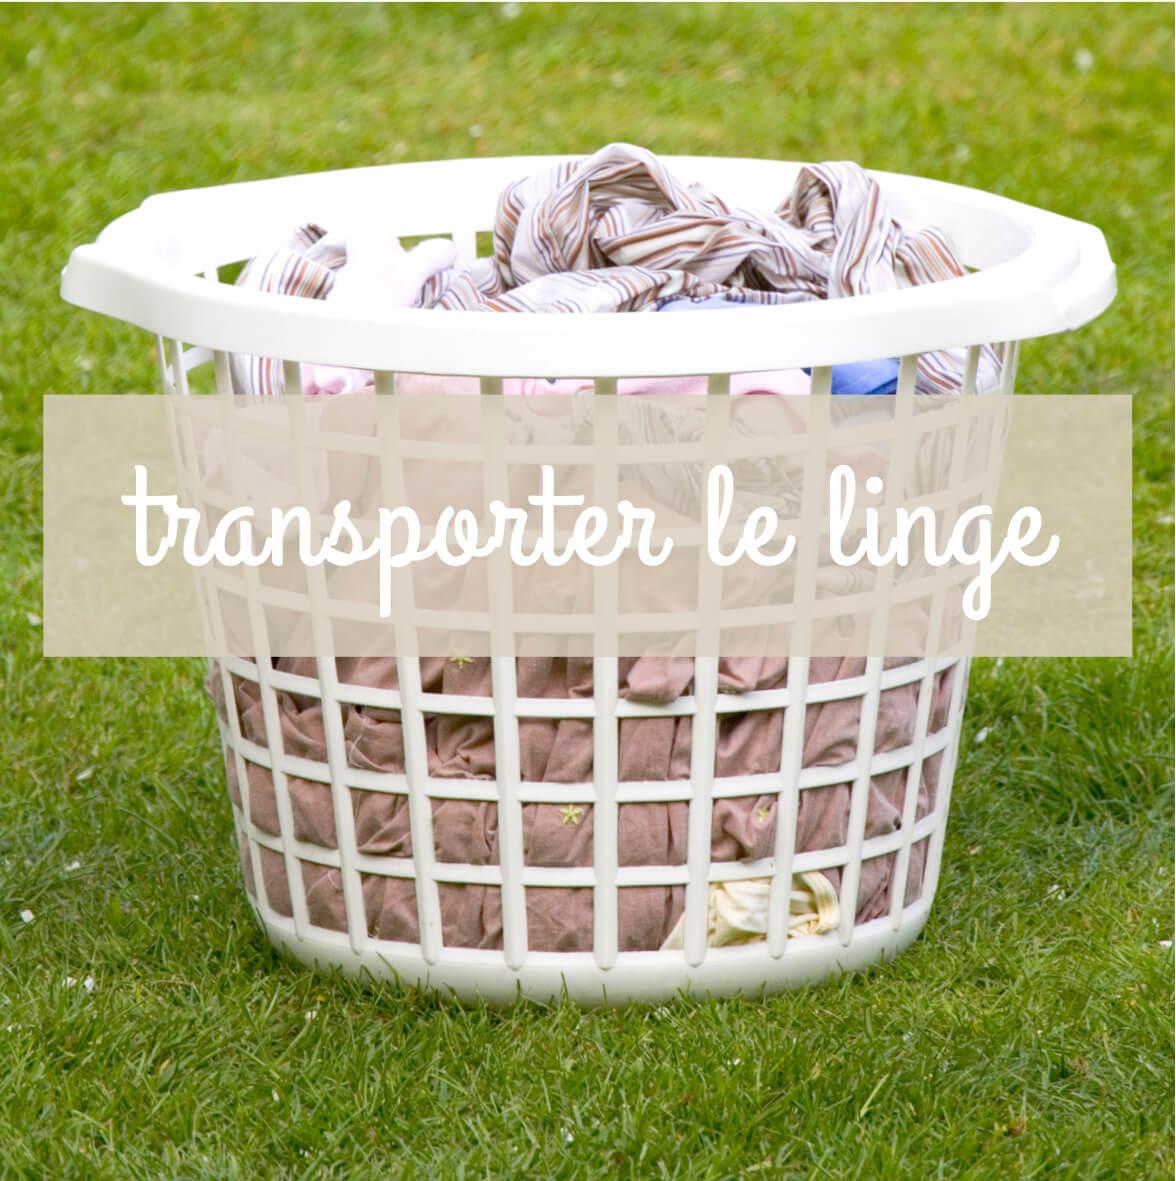 grand choix de paniers et bassines pour le linge propre